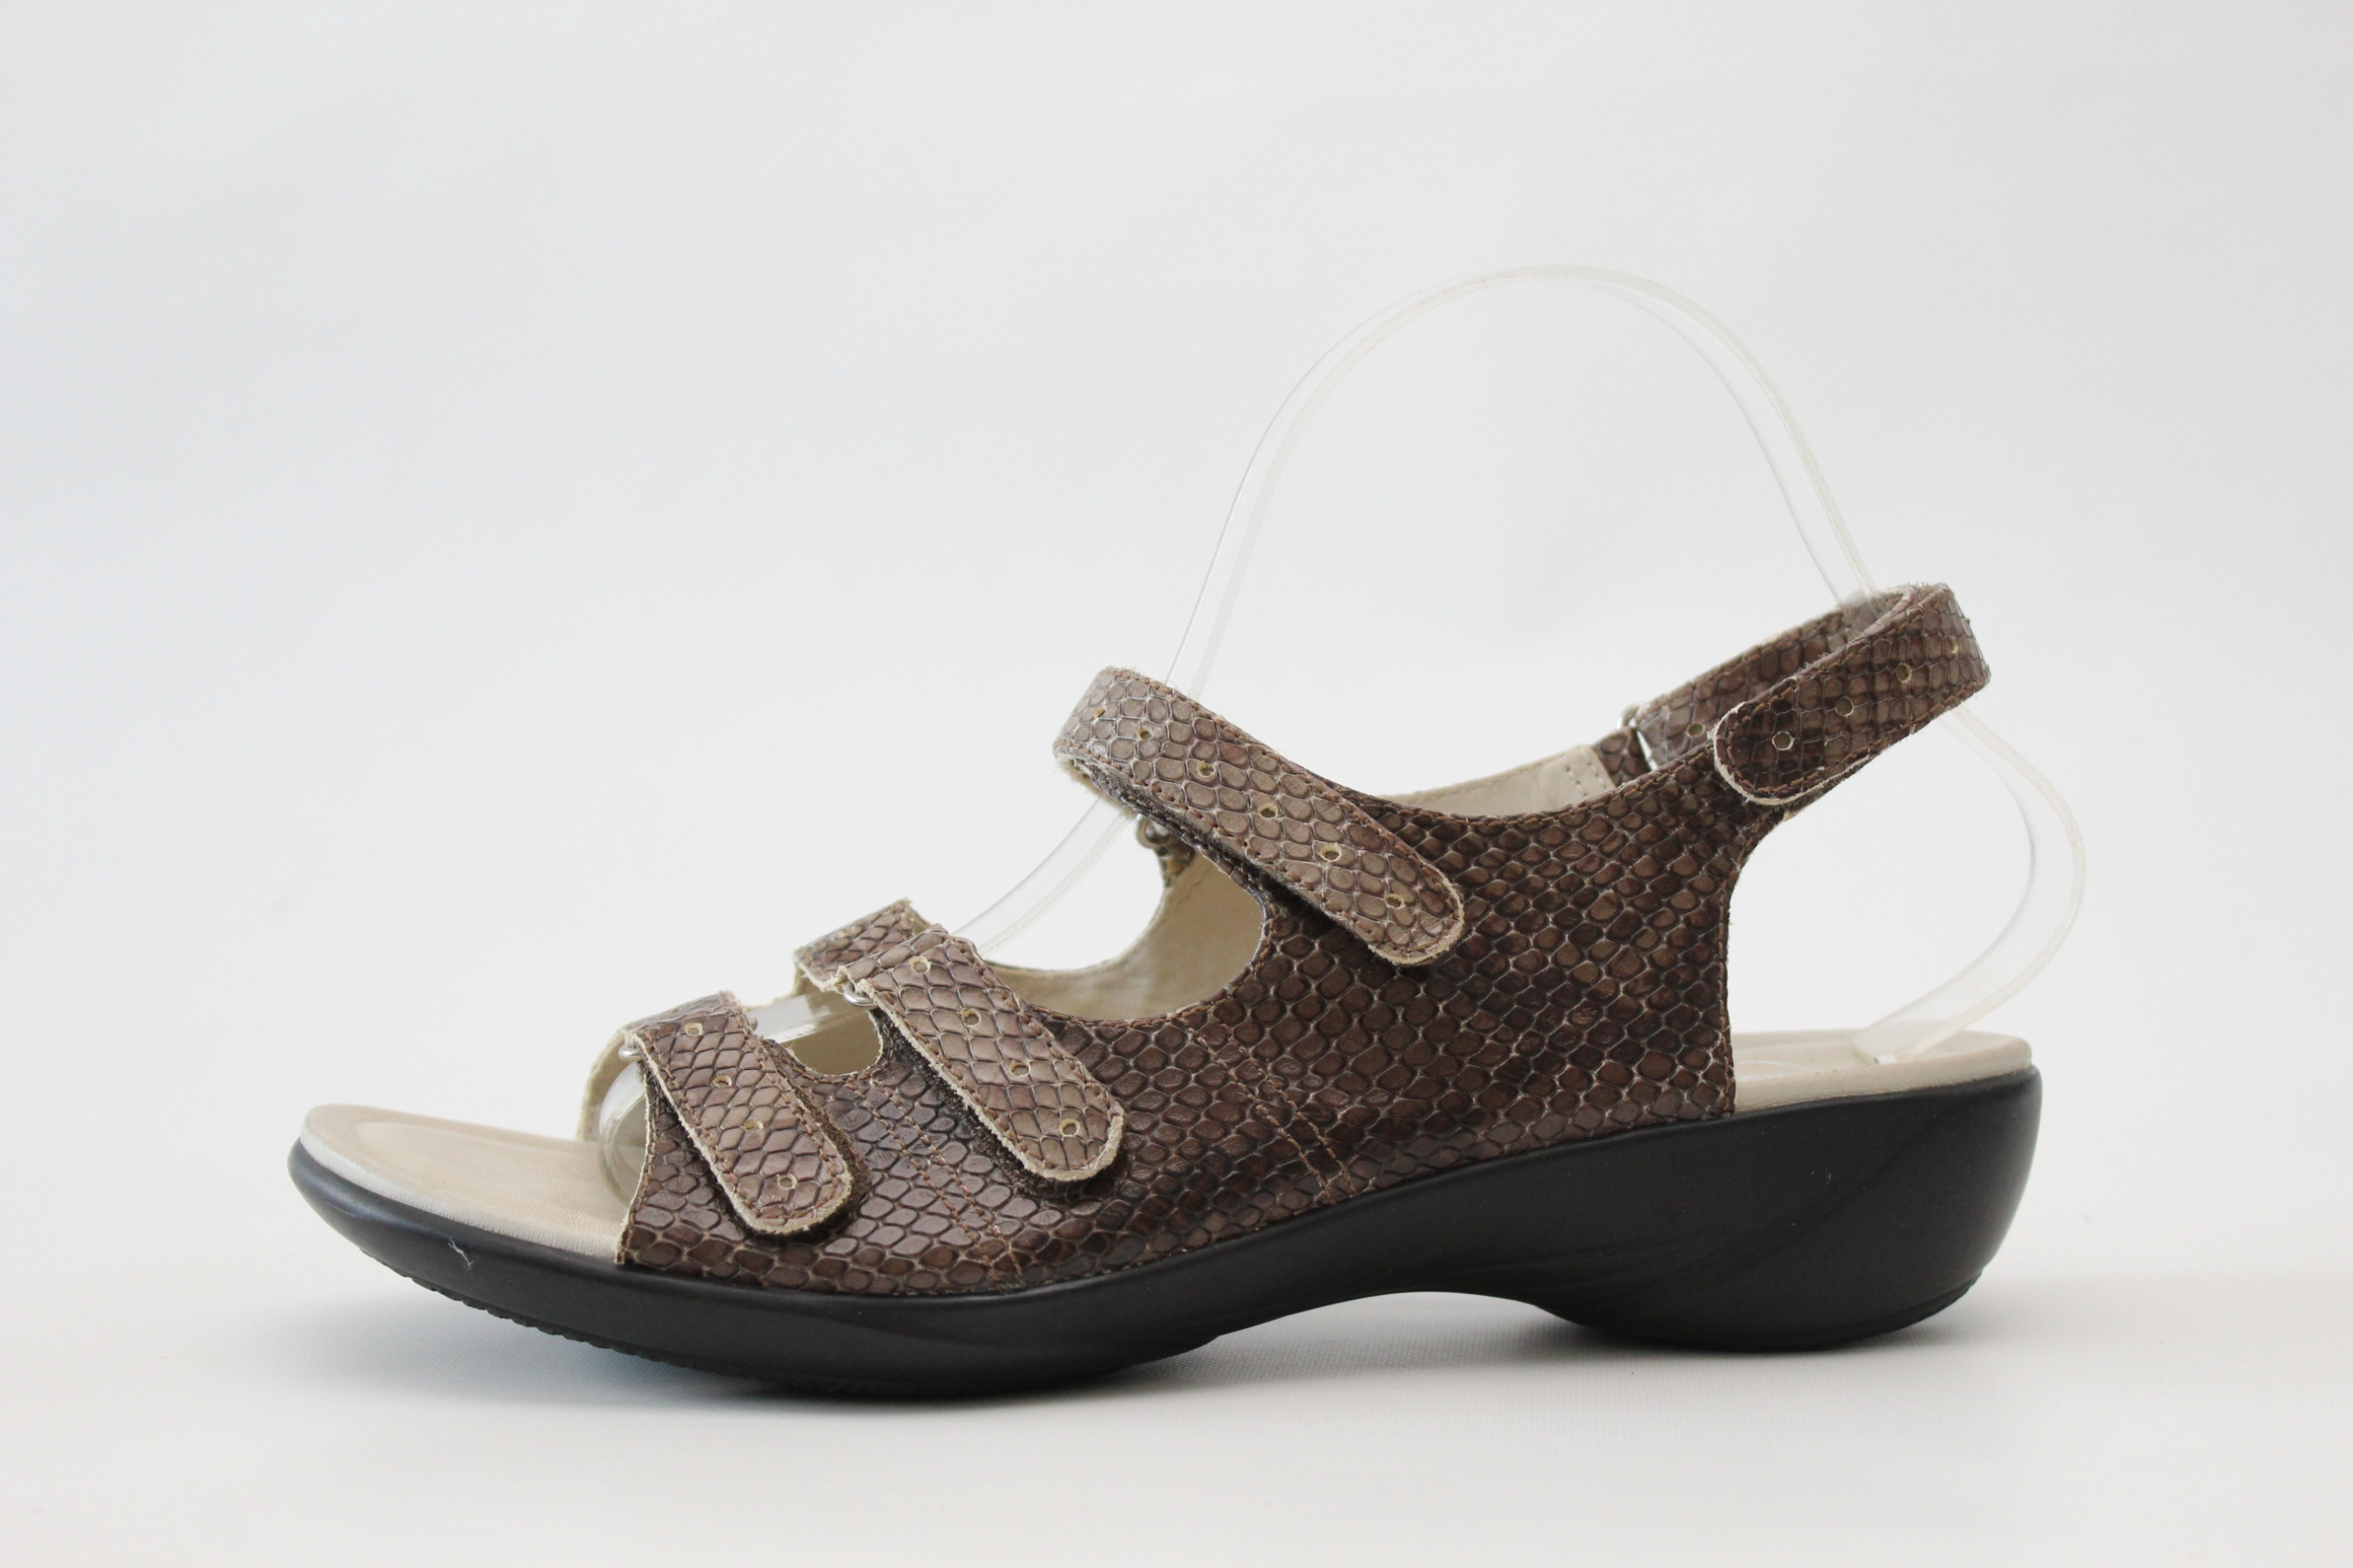 K BY CLARKS - skórzane sandały IDEALNE 41 (26 cm)